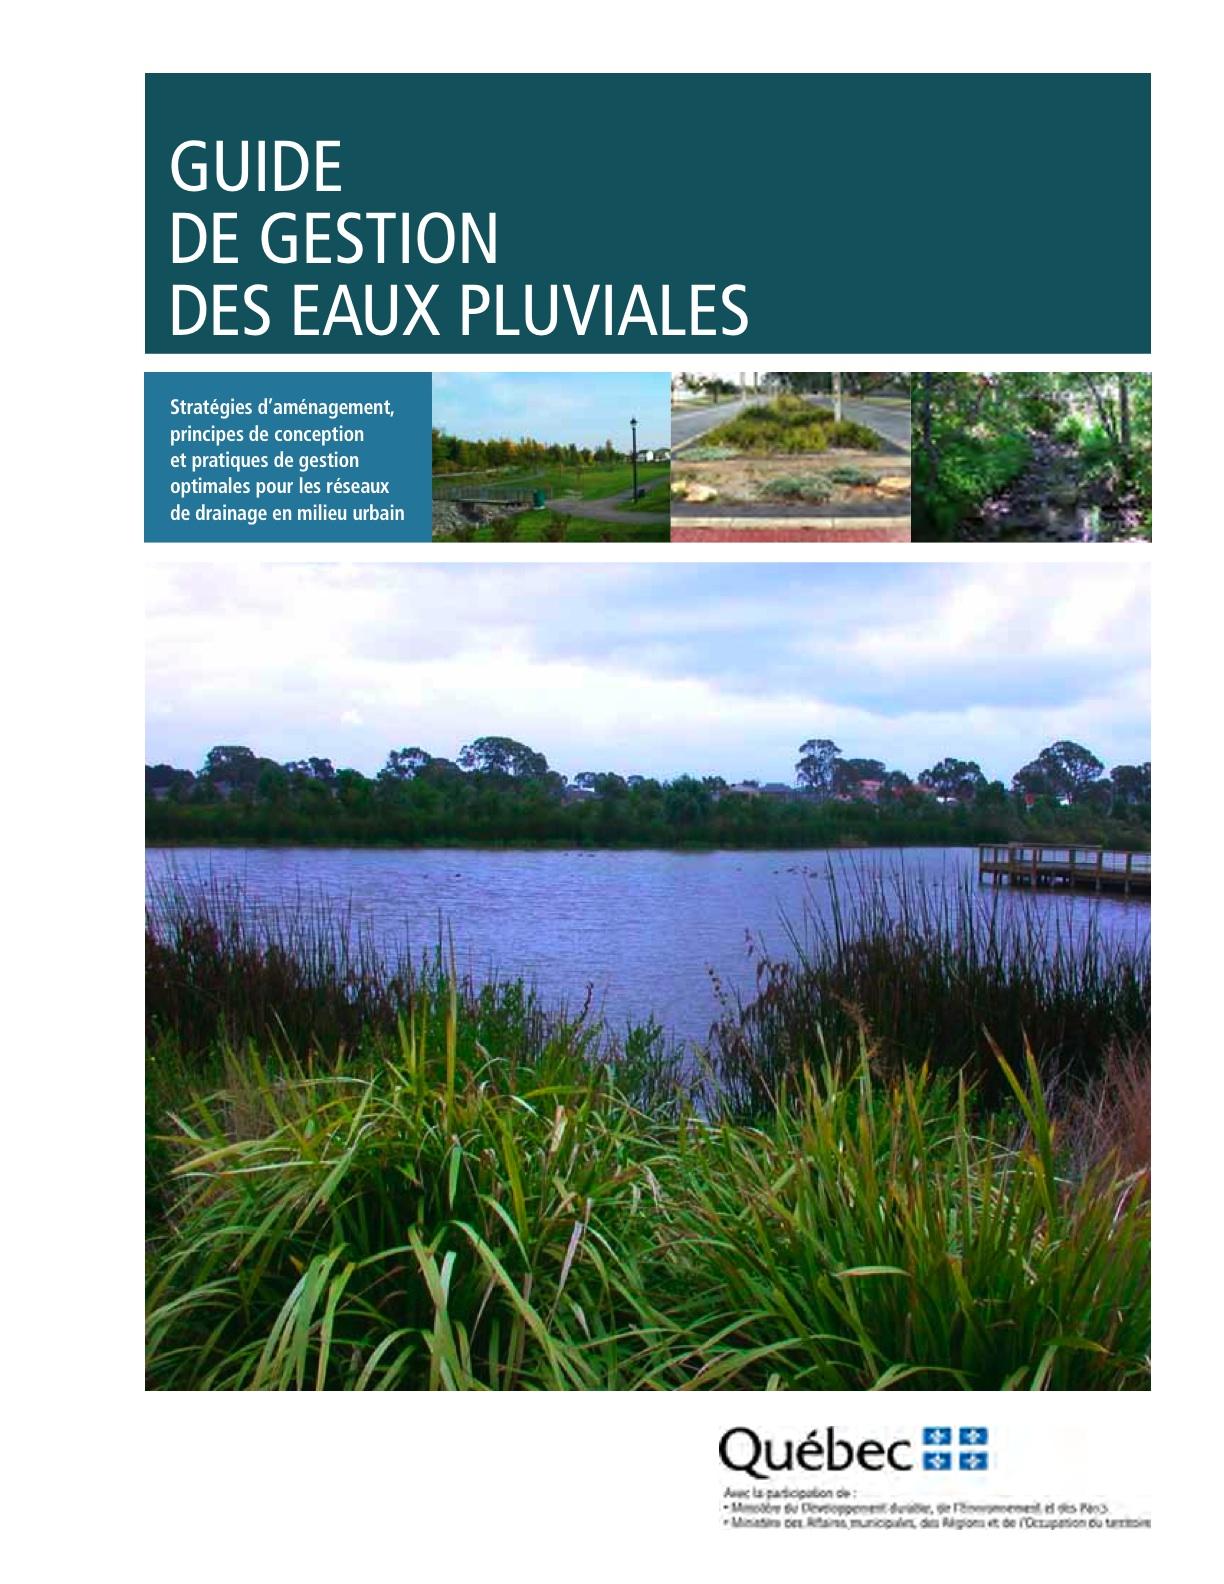 guide de gestion des eaux pluviales